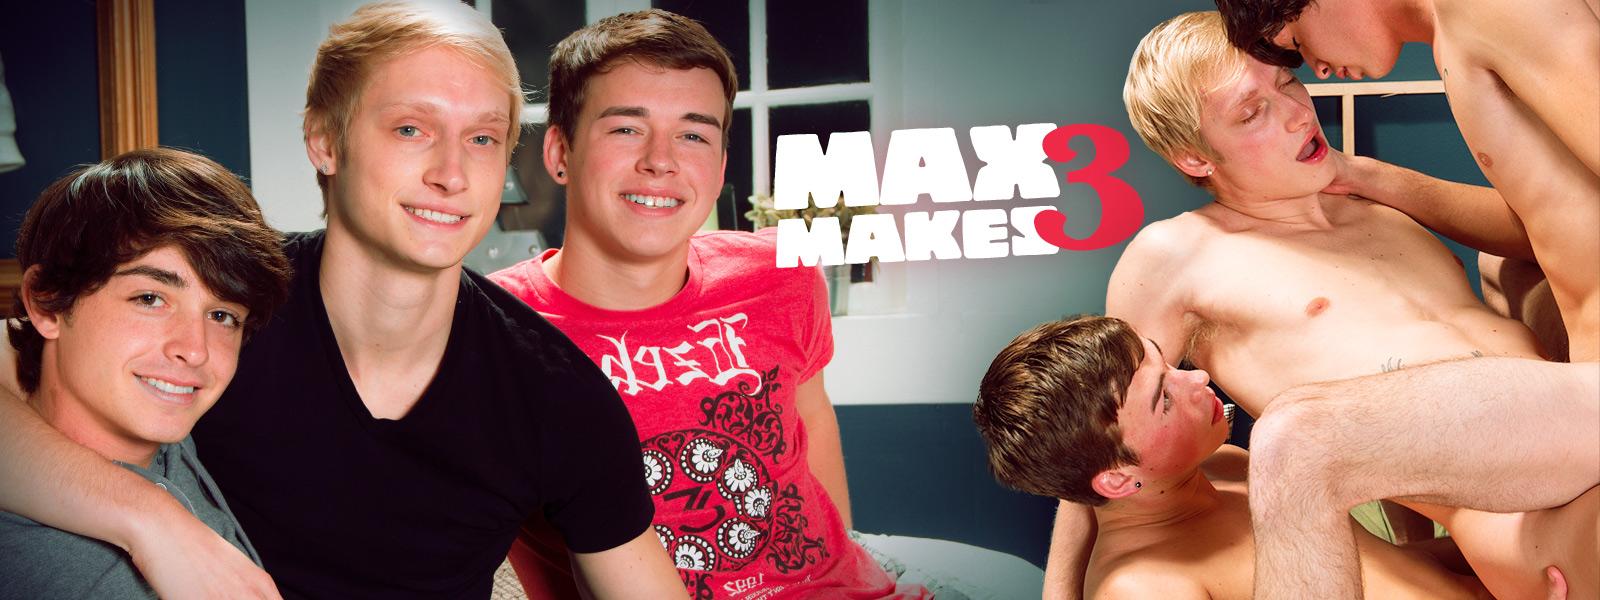 Max Makes 3